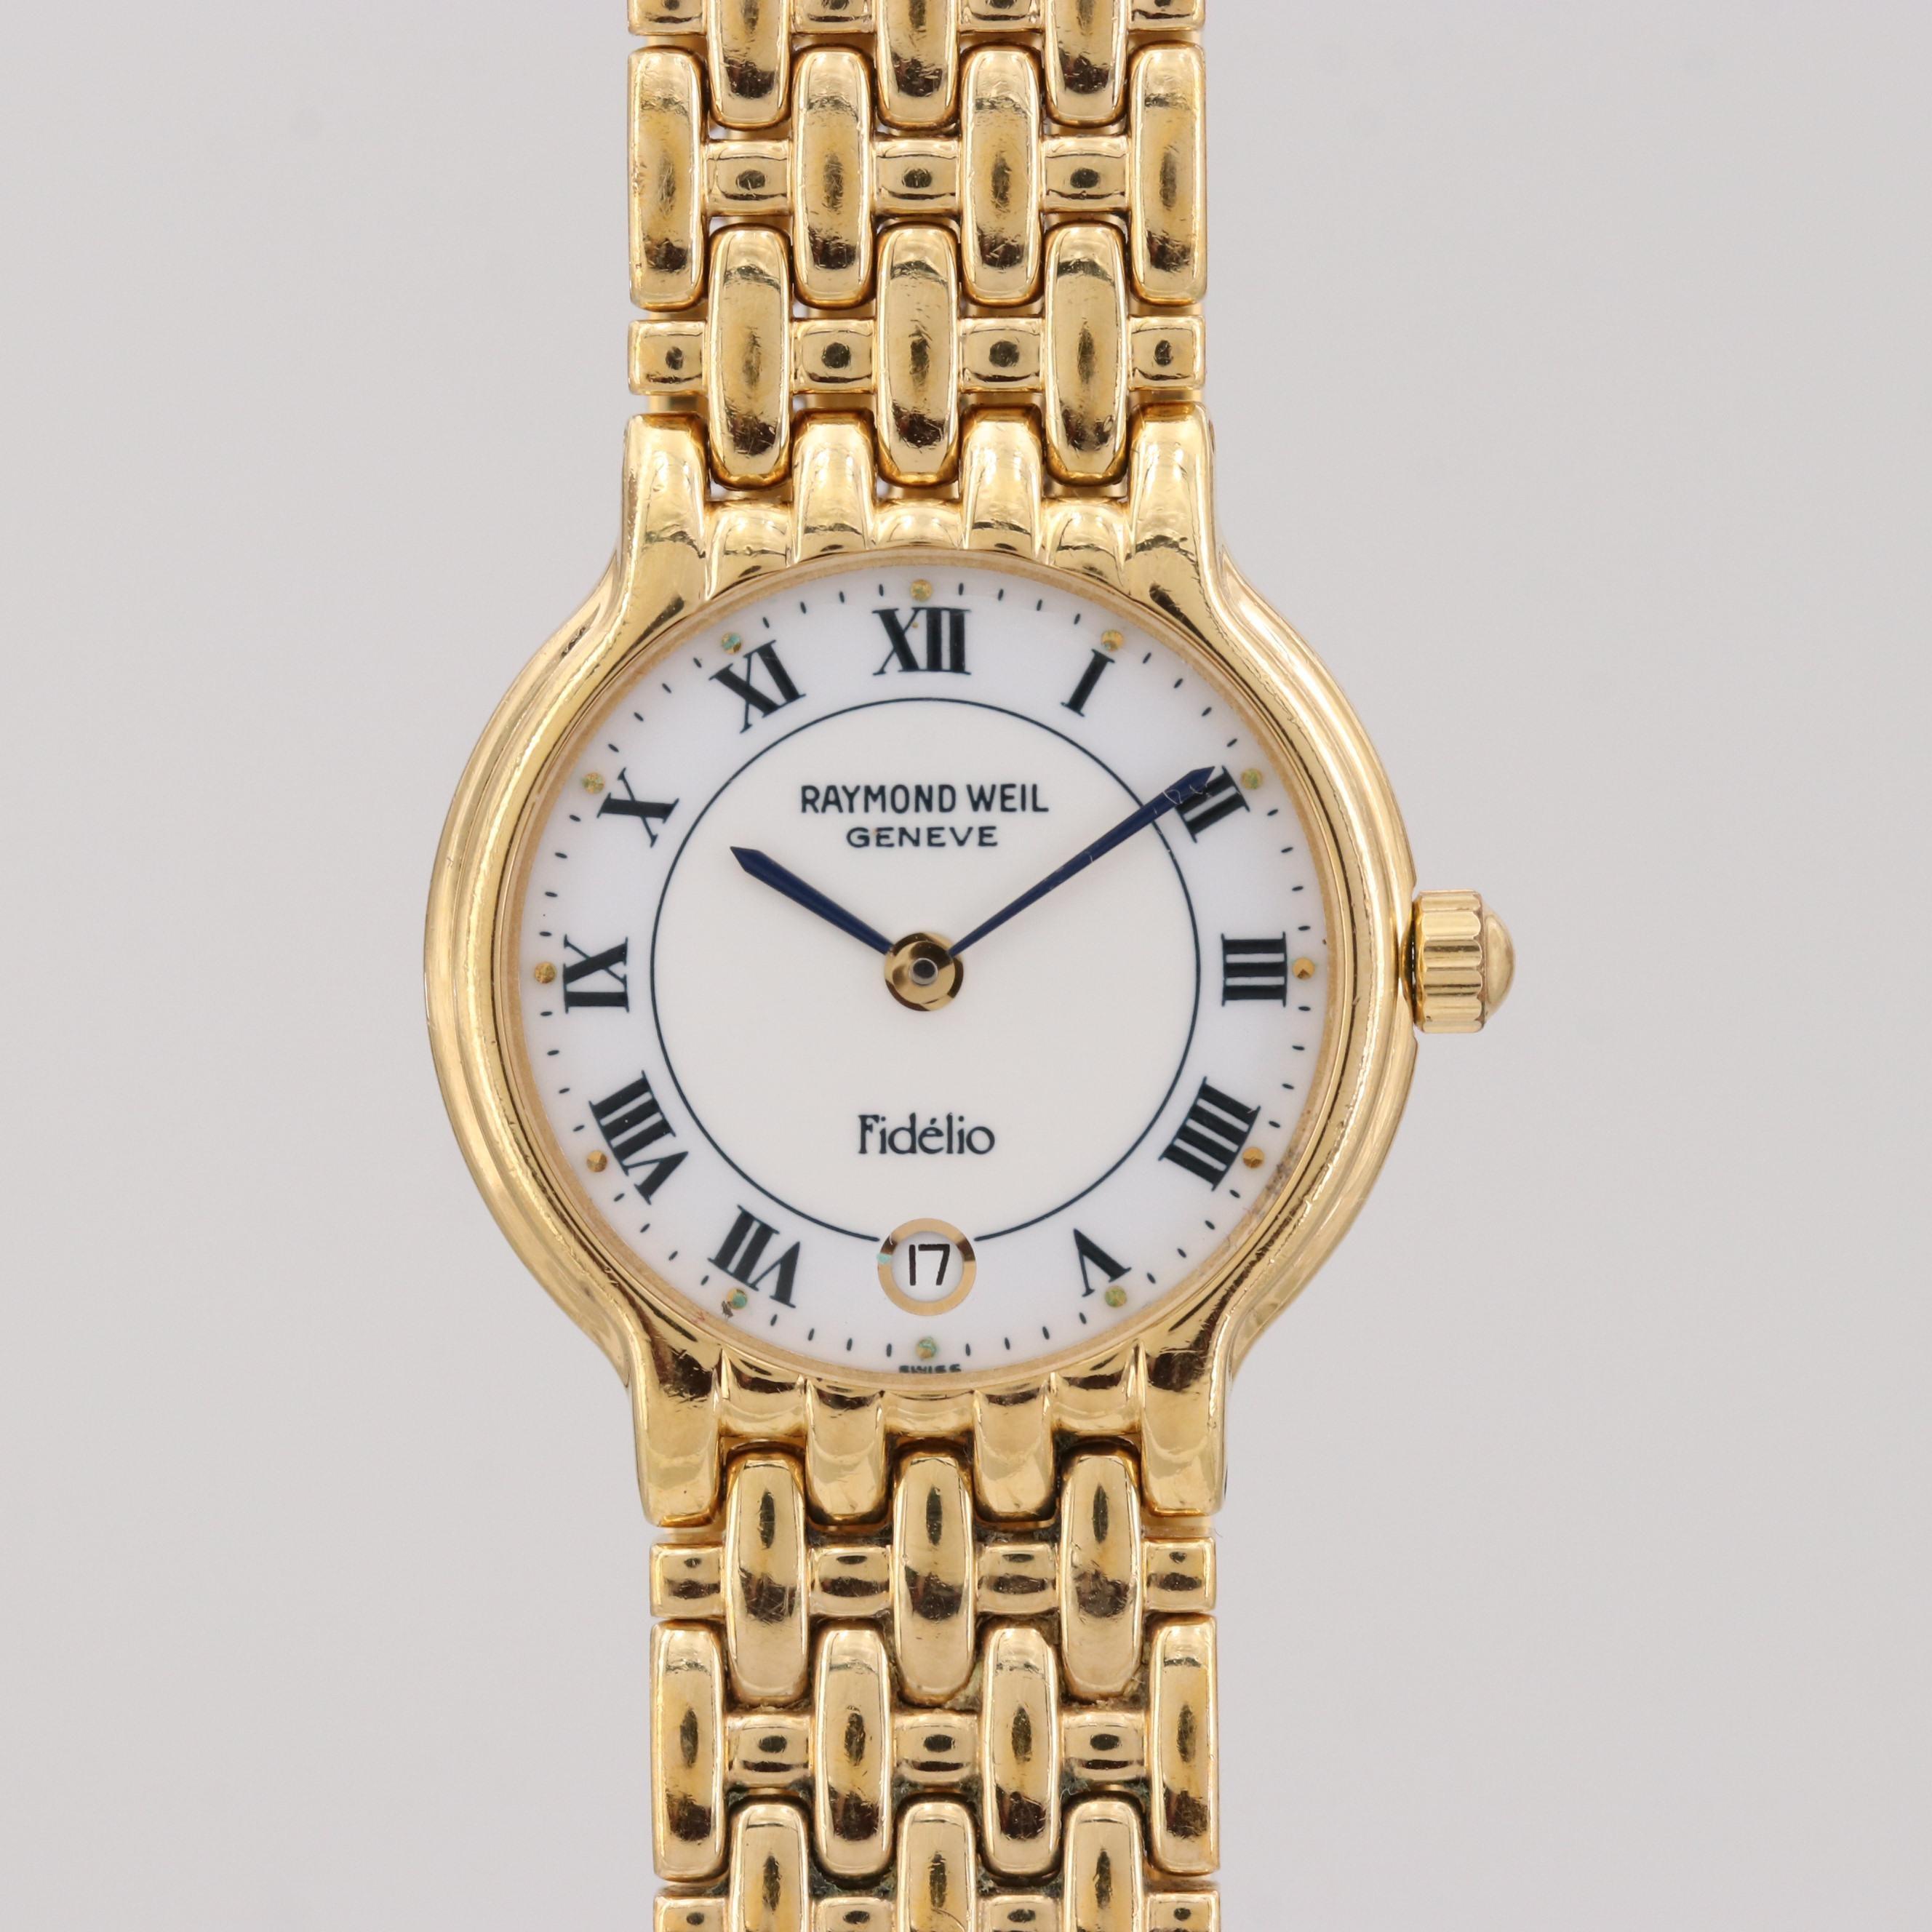 Raymond Weil Fidelio Gold Tone Quartz Wristwatch